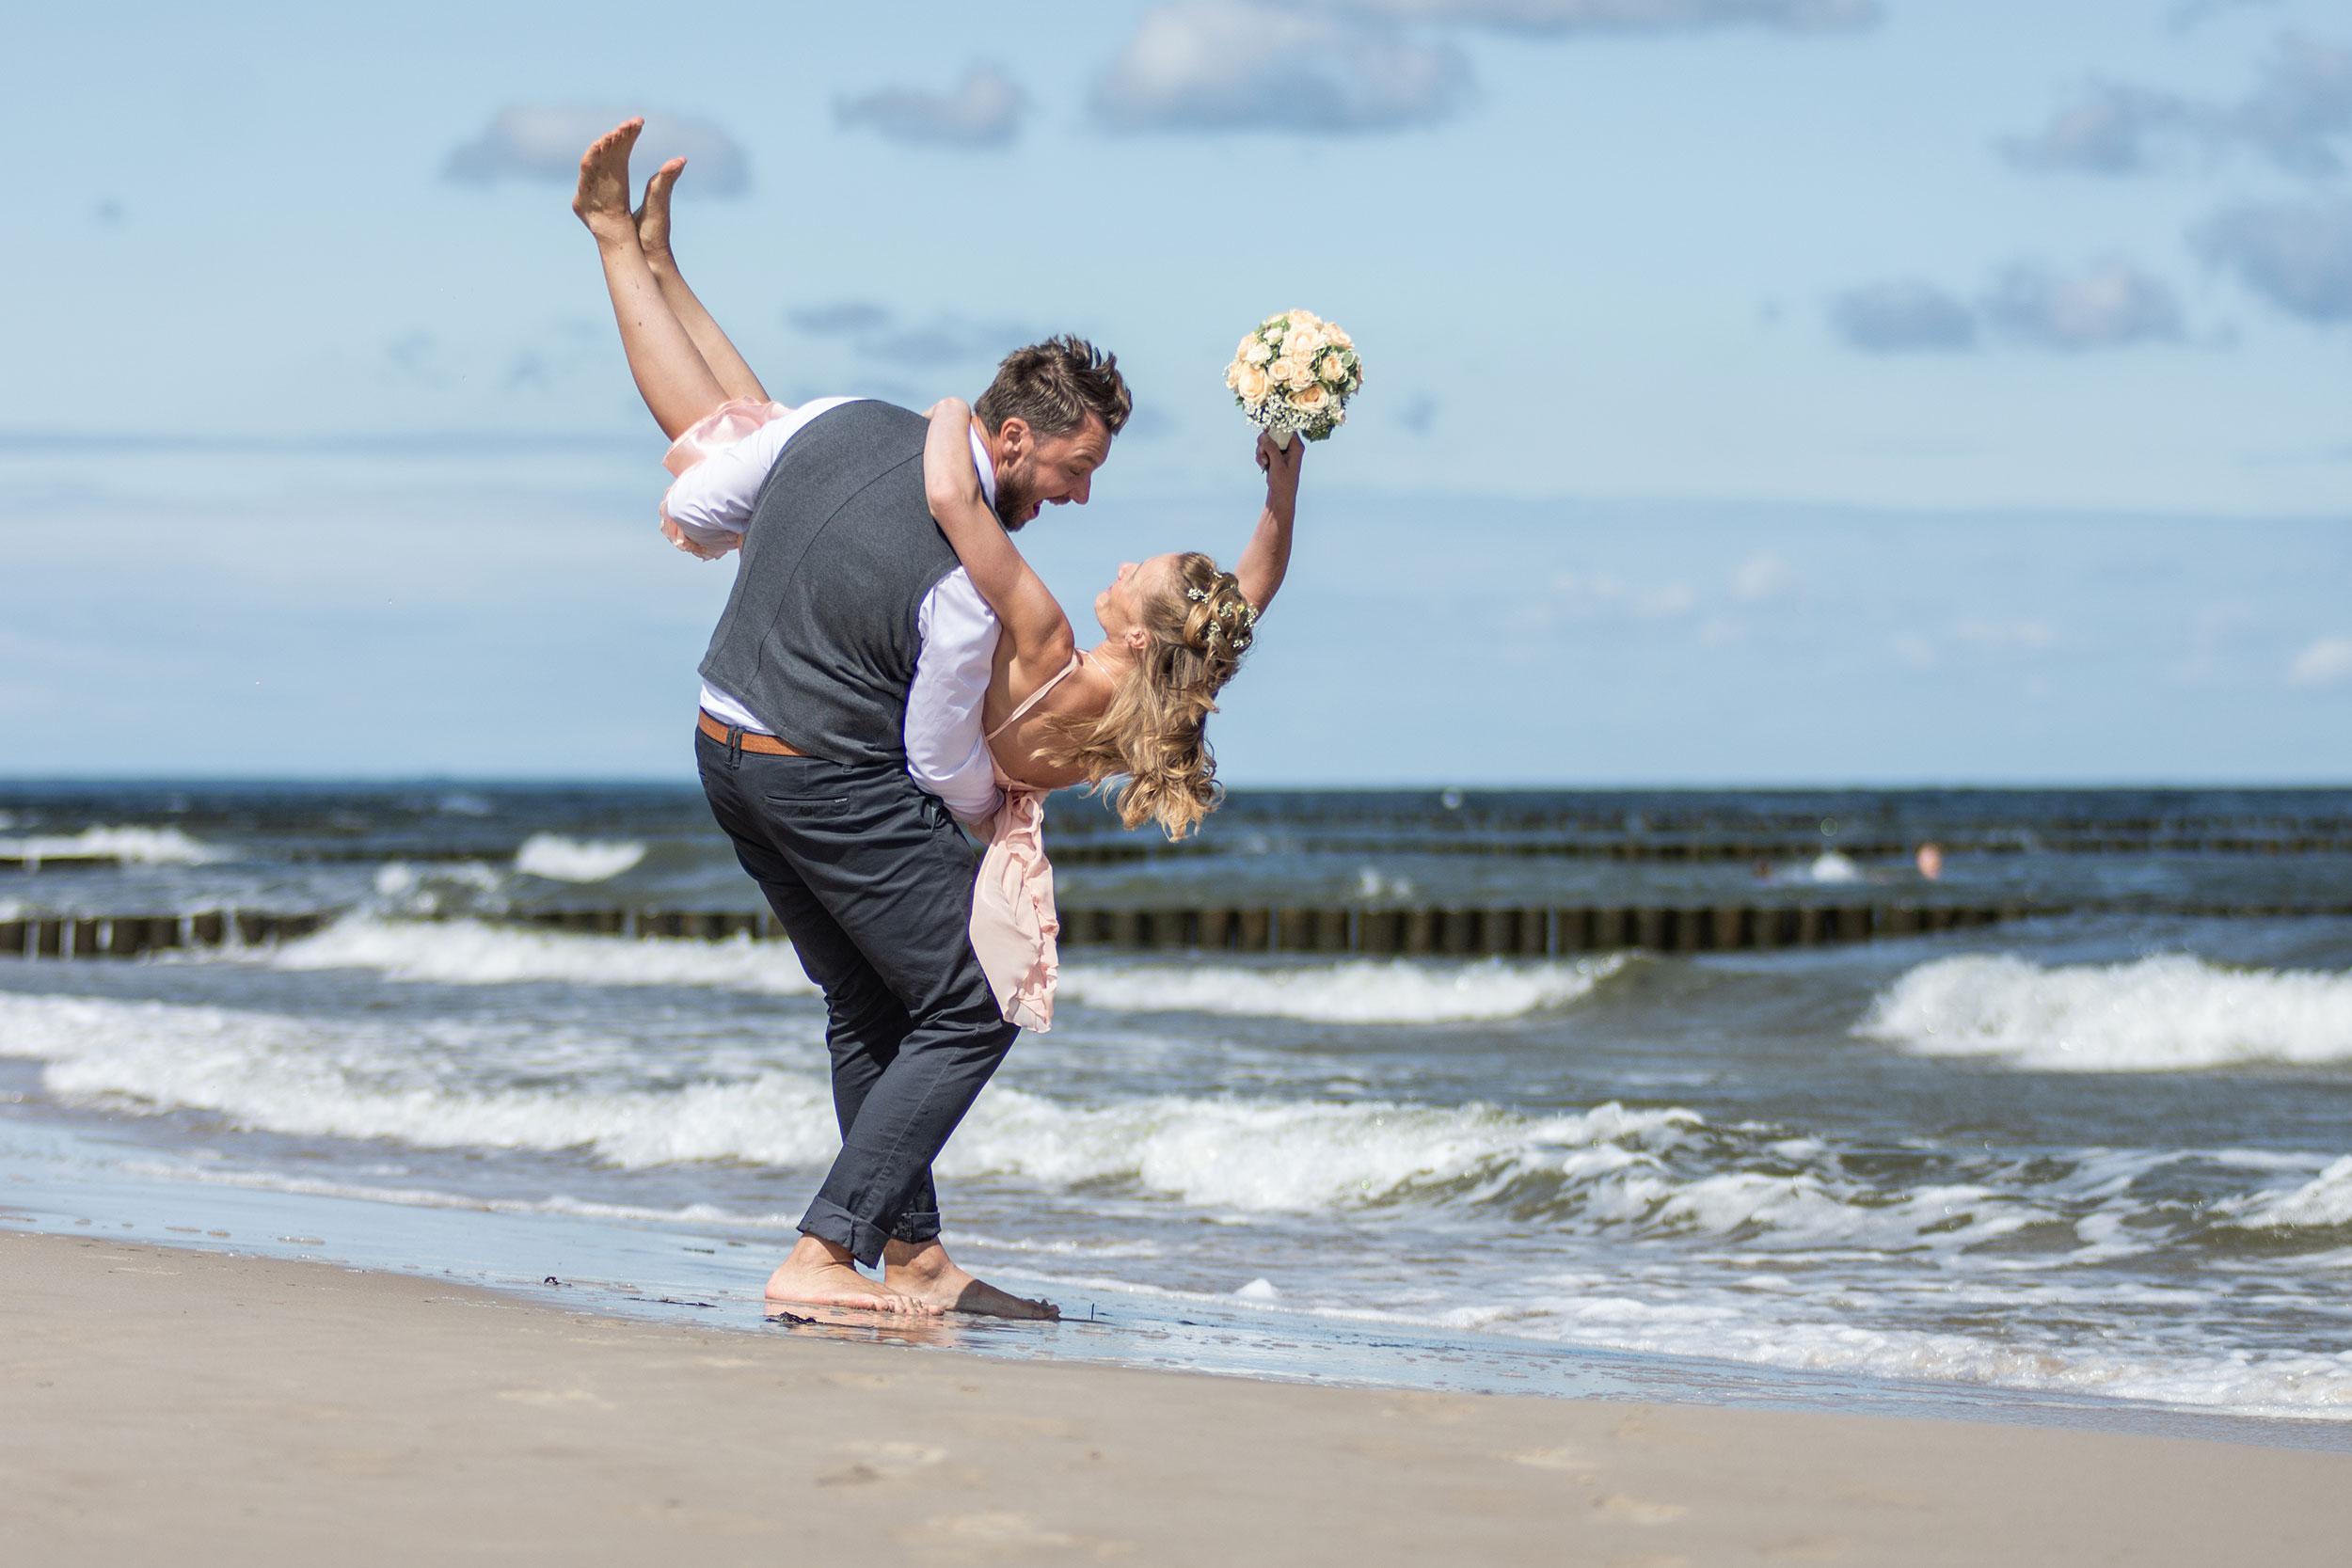 Hochzeitsfoto Brautpaar lacht am Strand lustig